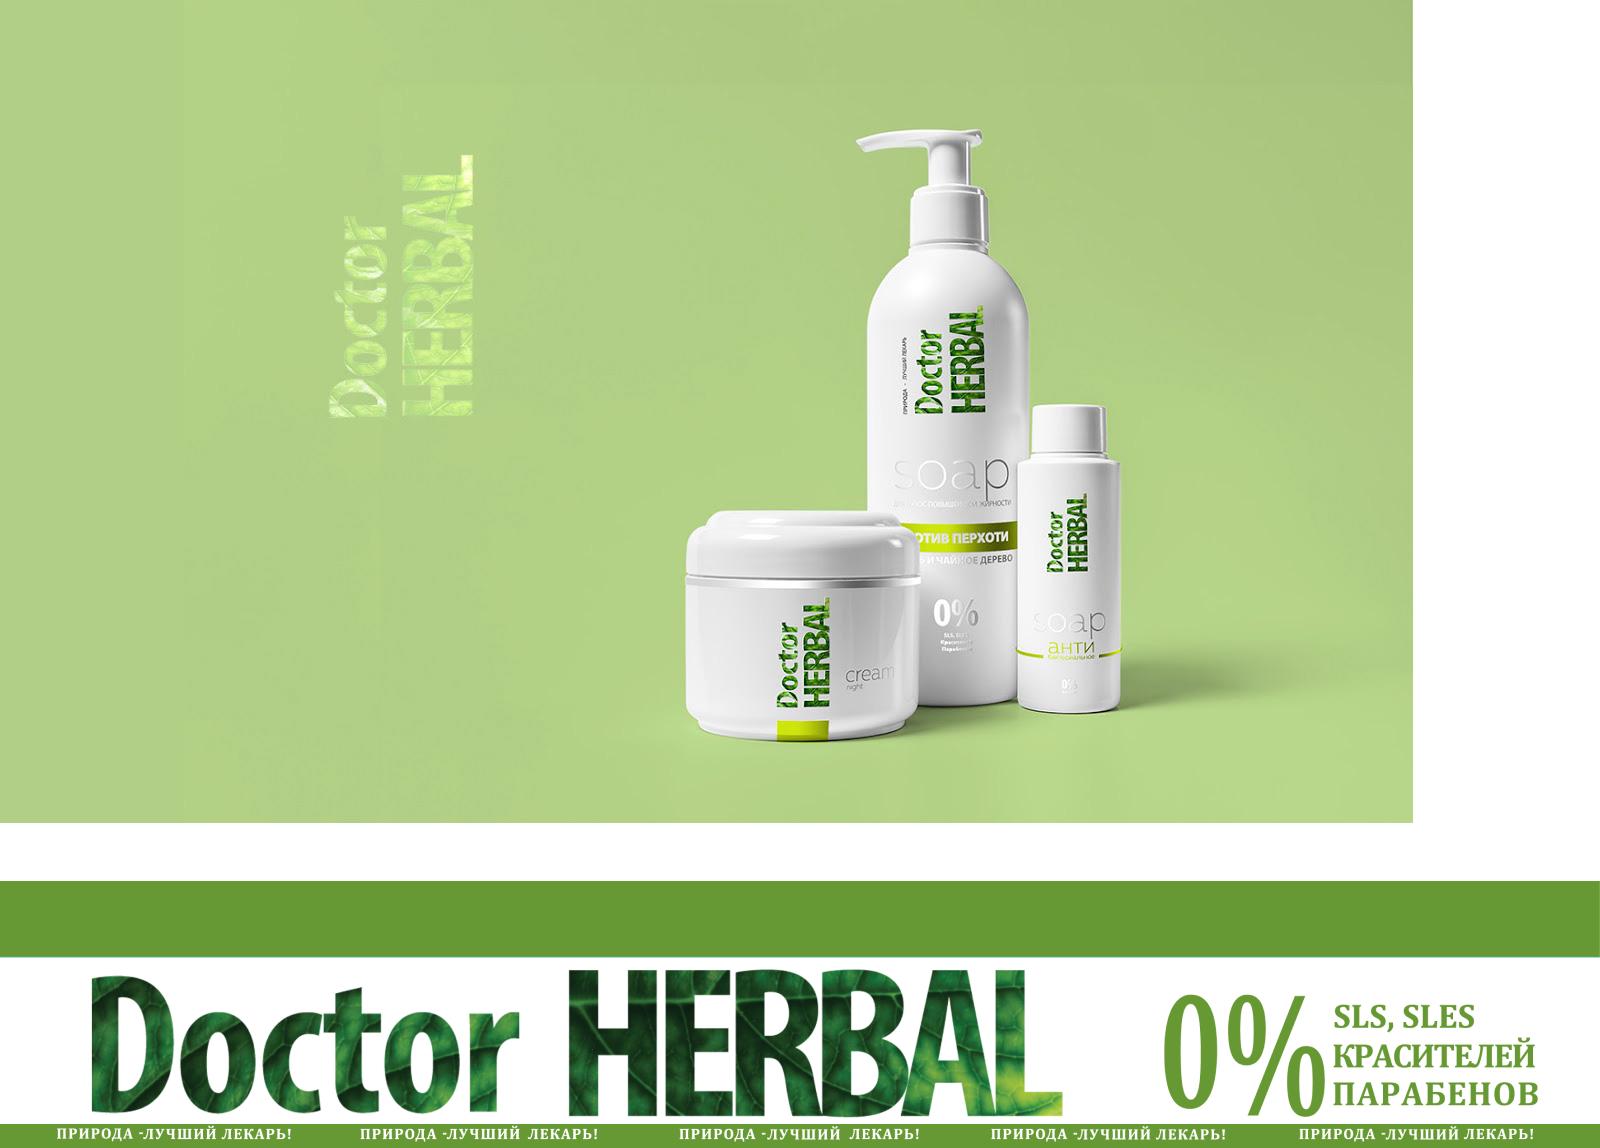 разработка этикетки и упаковки doctor herbal